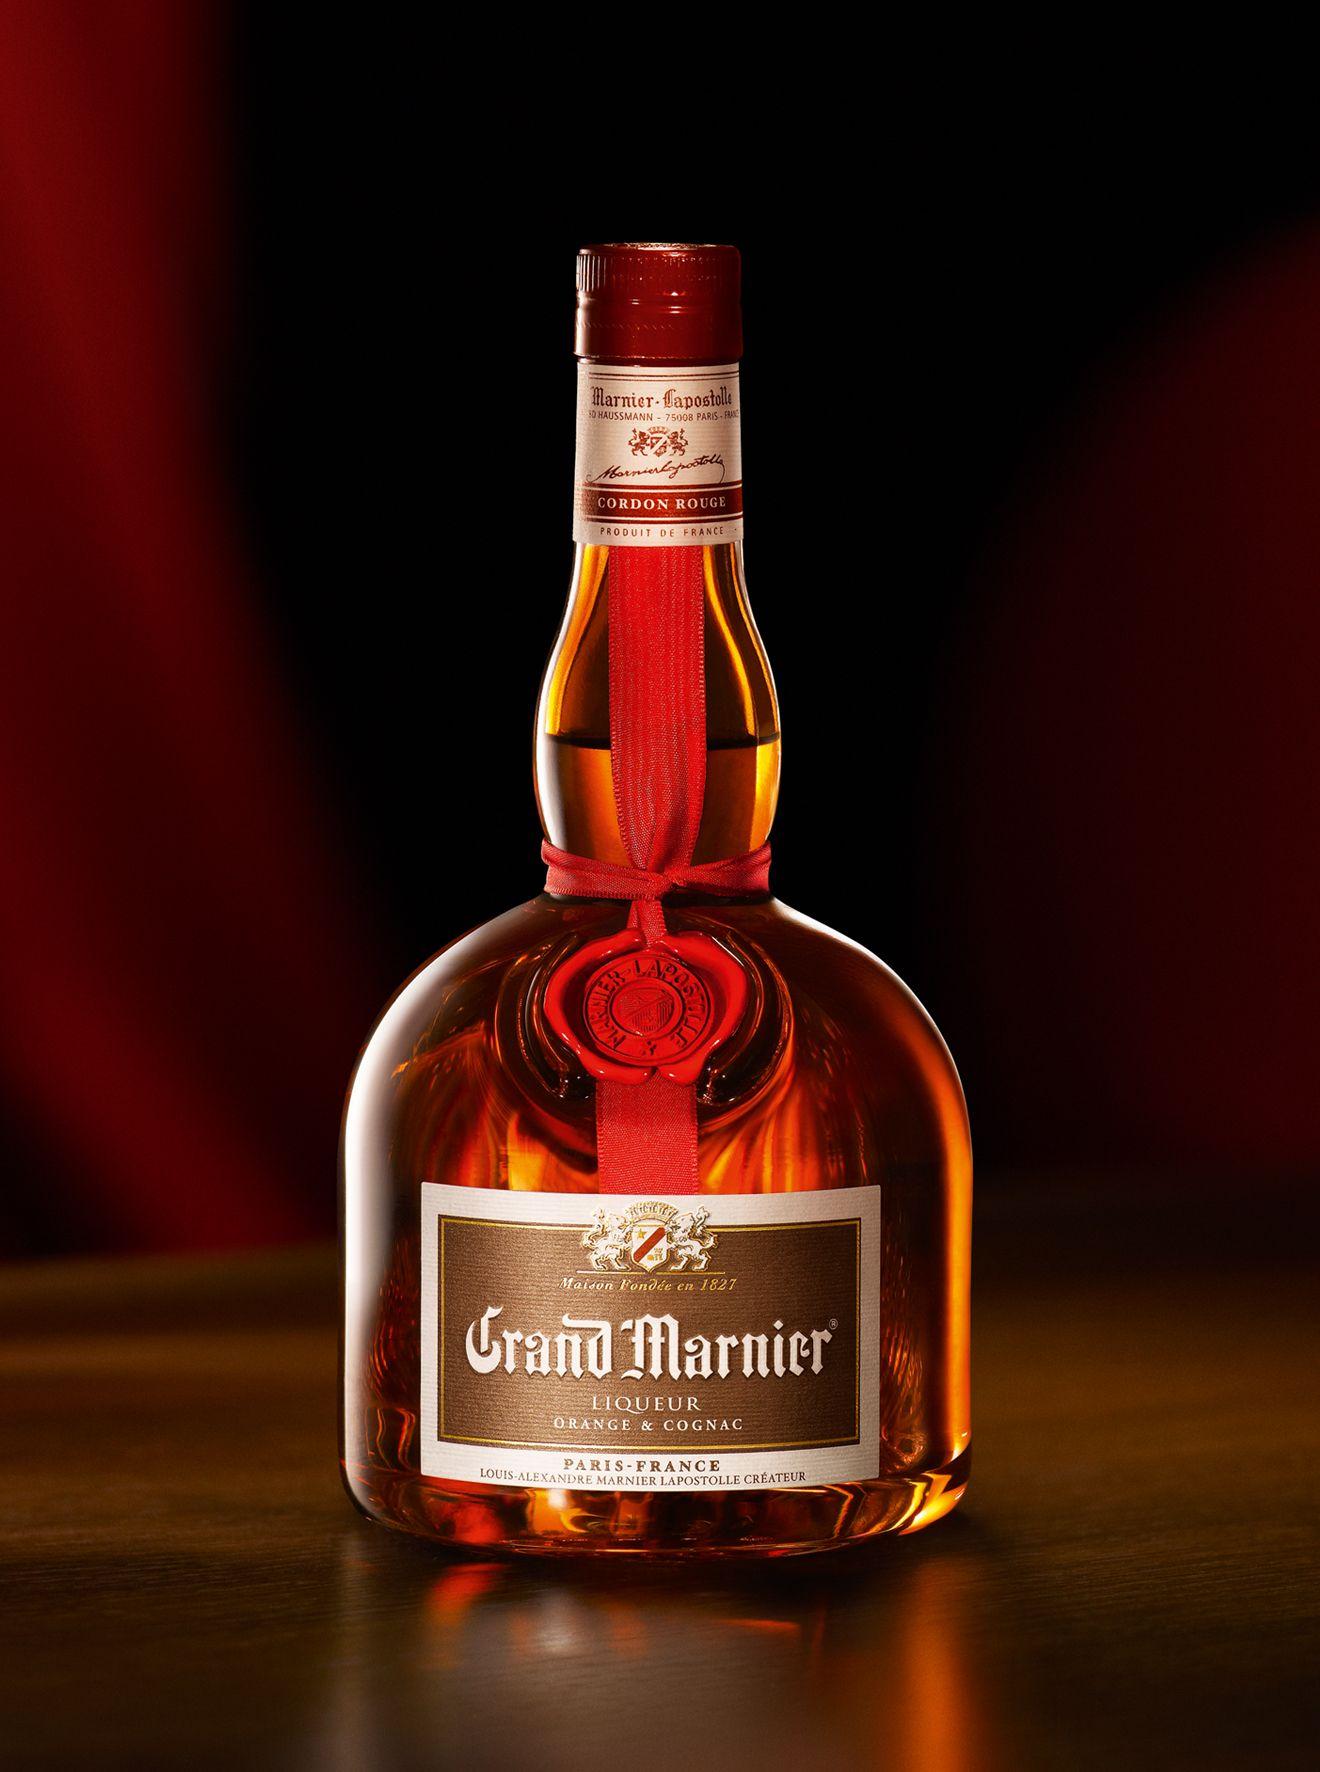 Grand Marnier Sensez Liquor Grand Marnier Beer Store Liquor Bottles